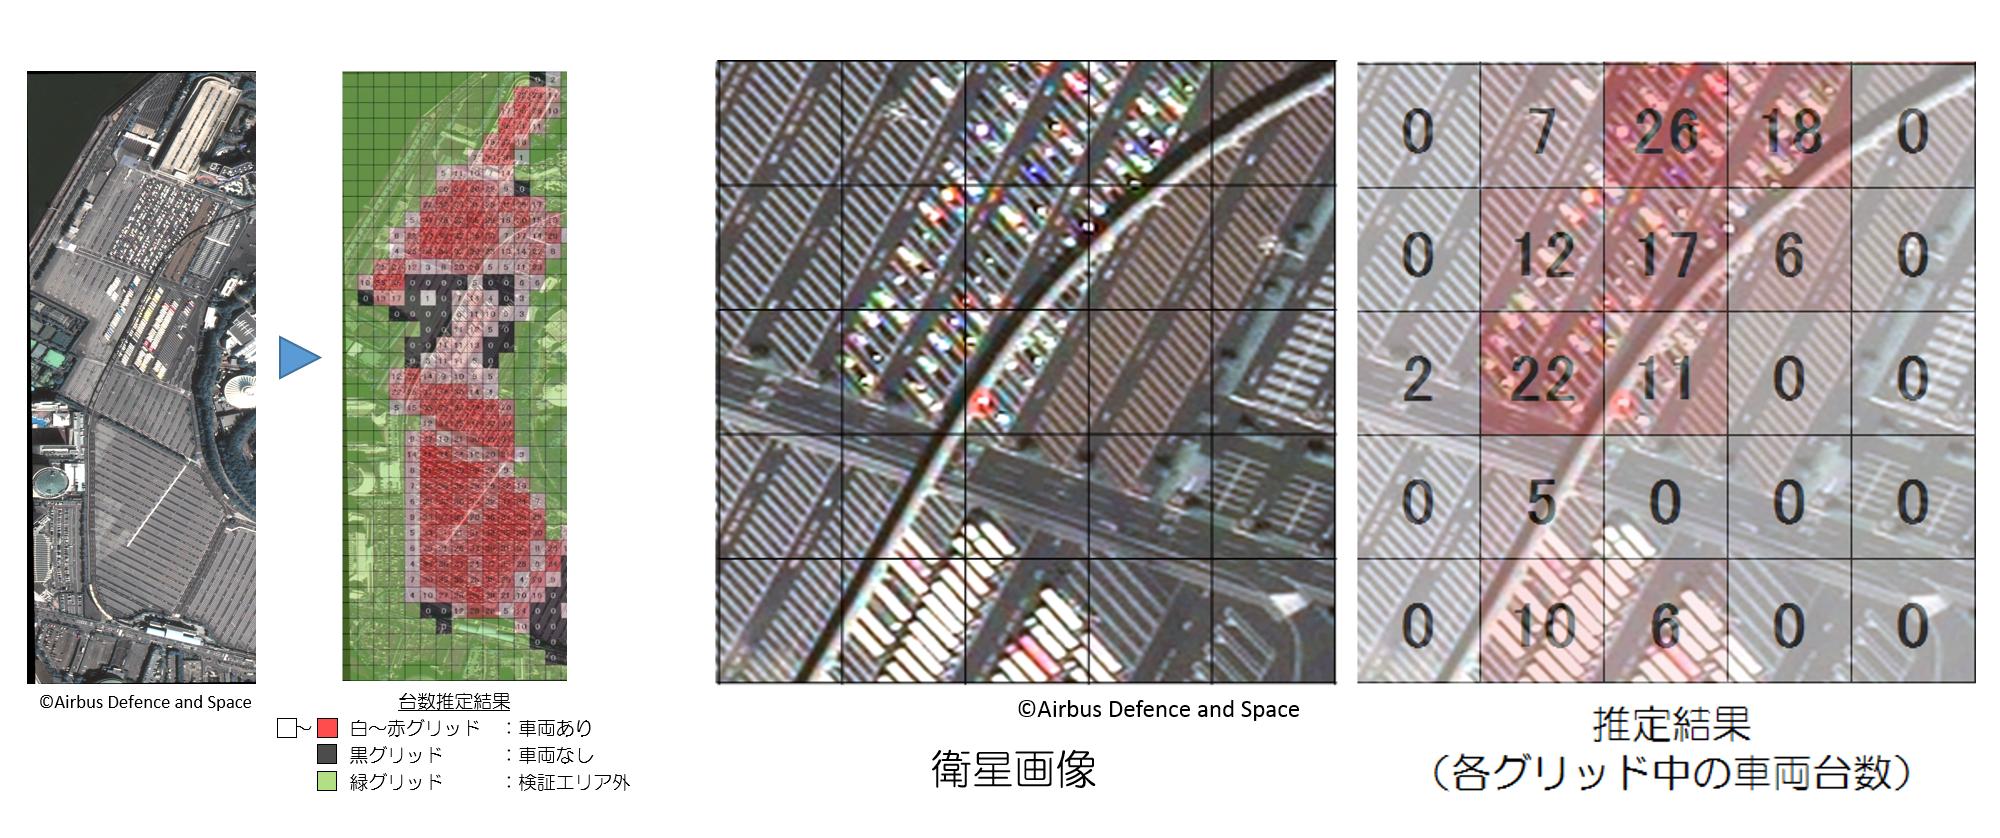 各グリッド中の車両台数を直接推定